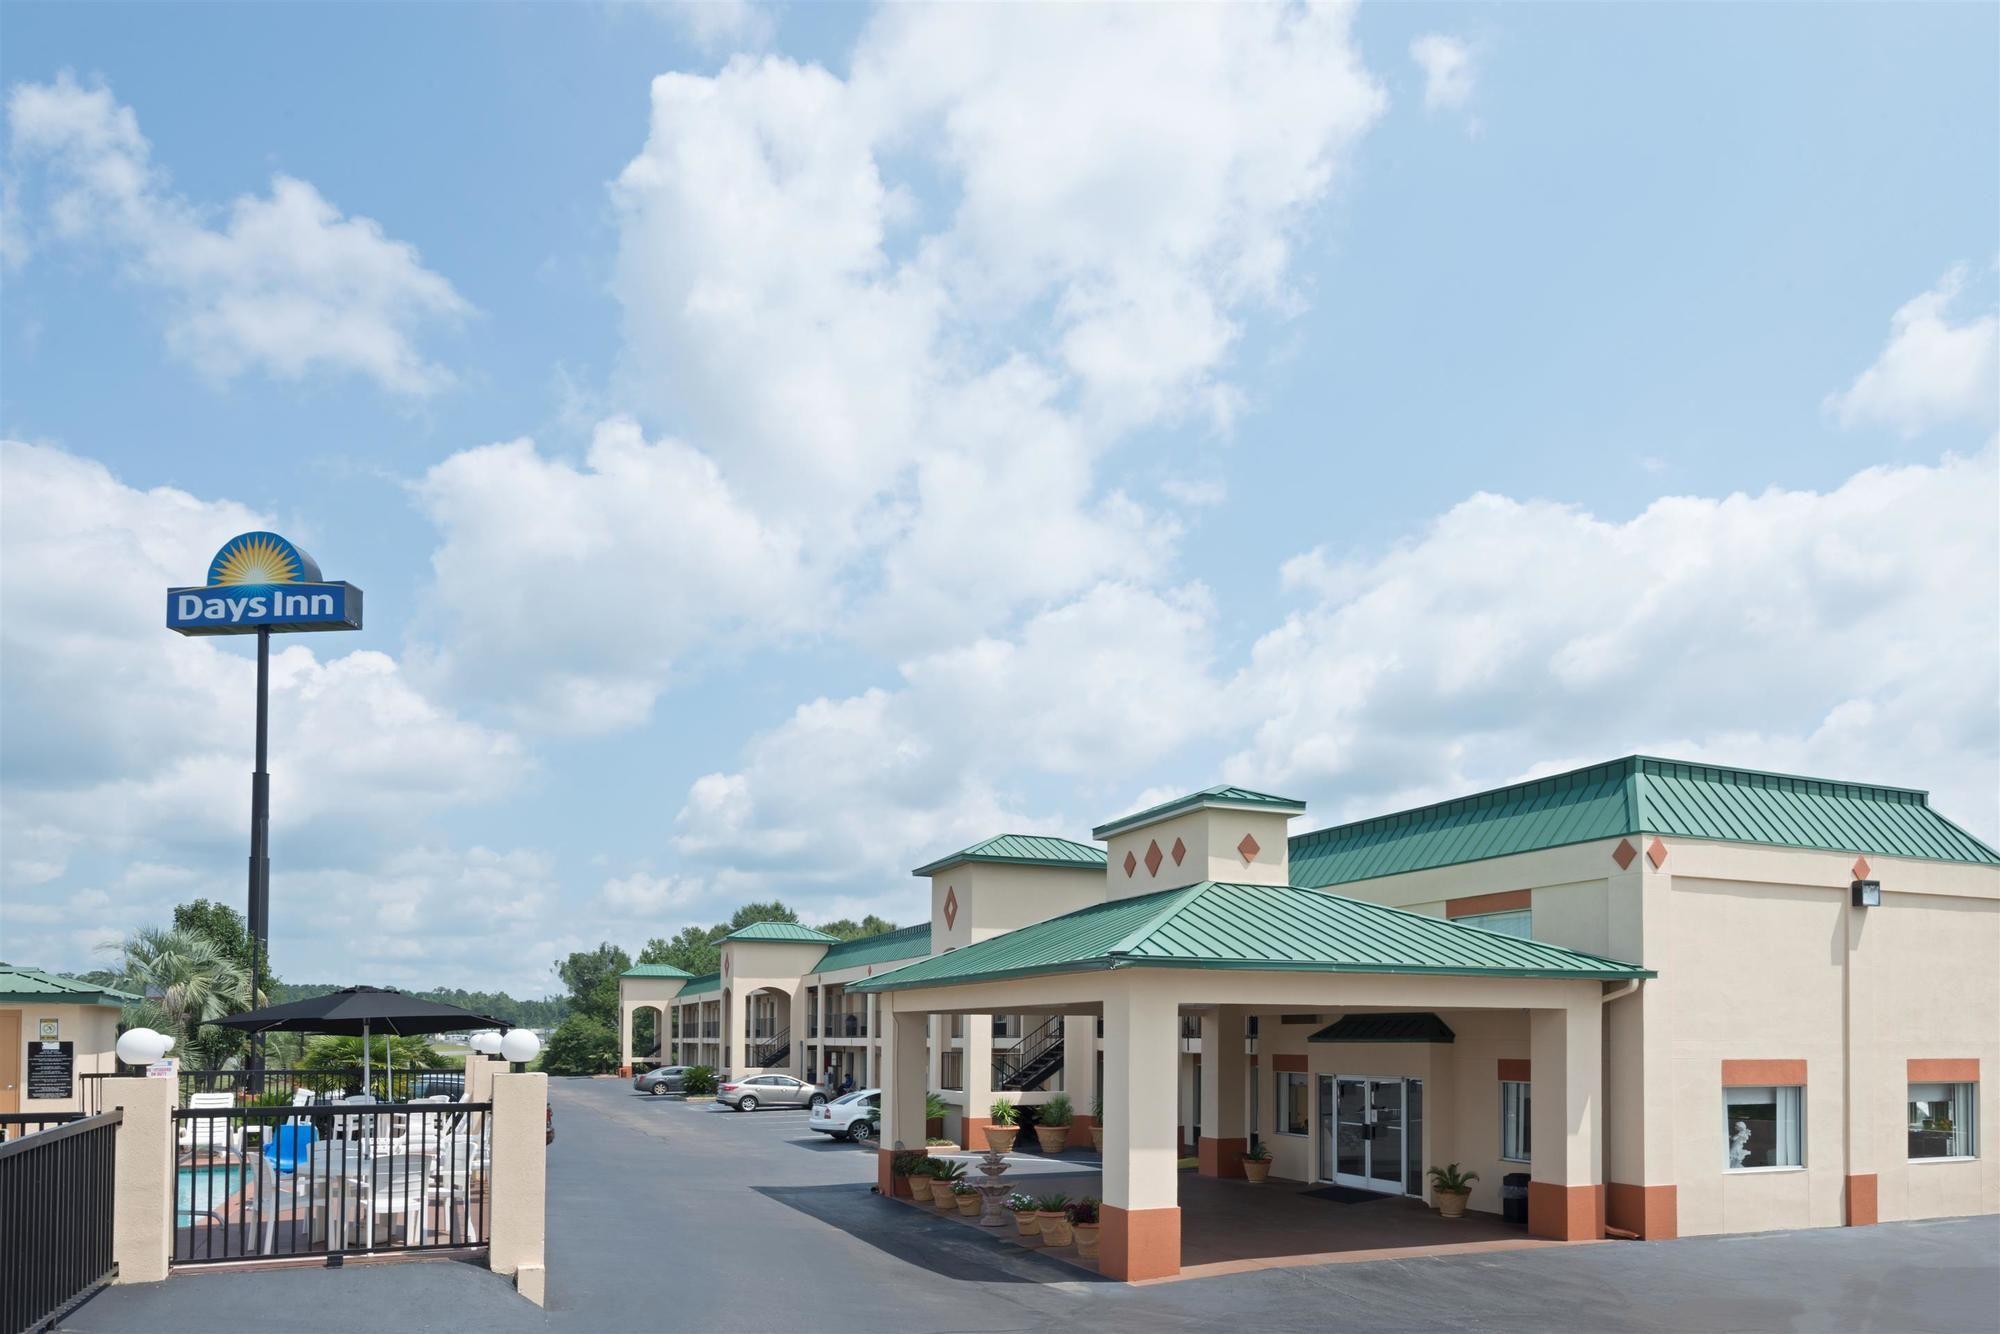 Days Inn in Greenville, AL